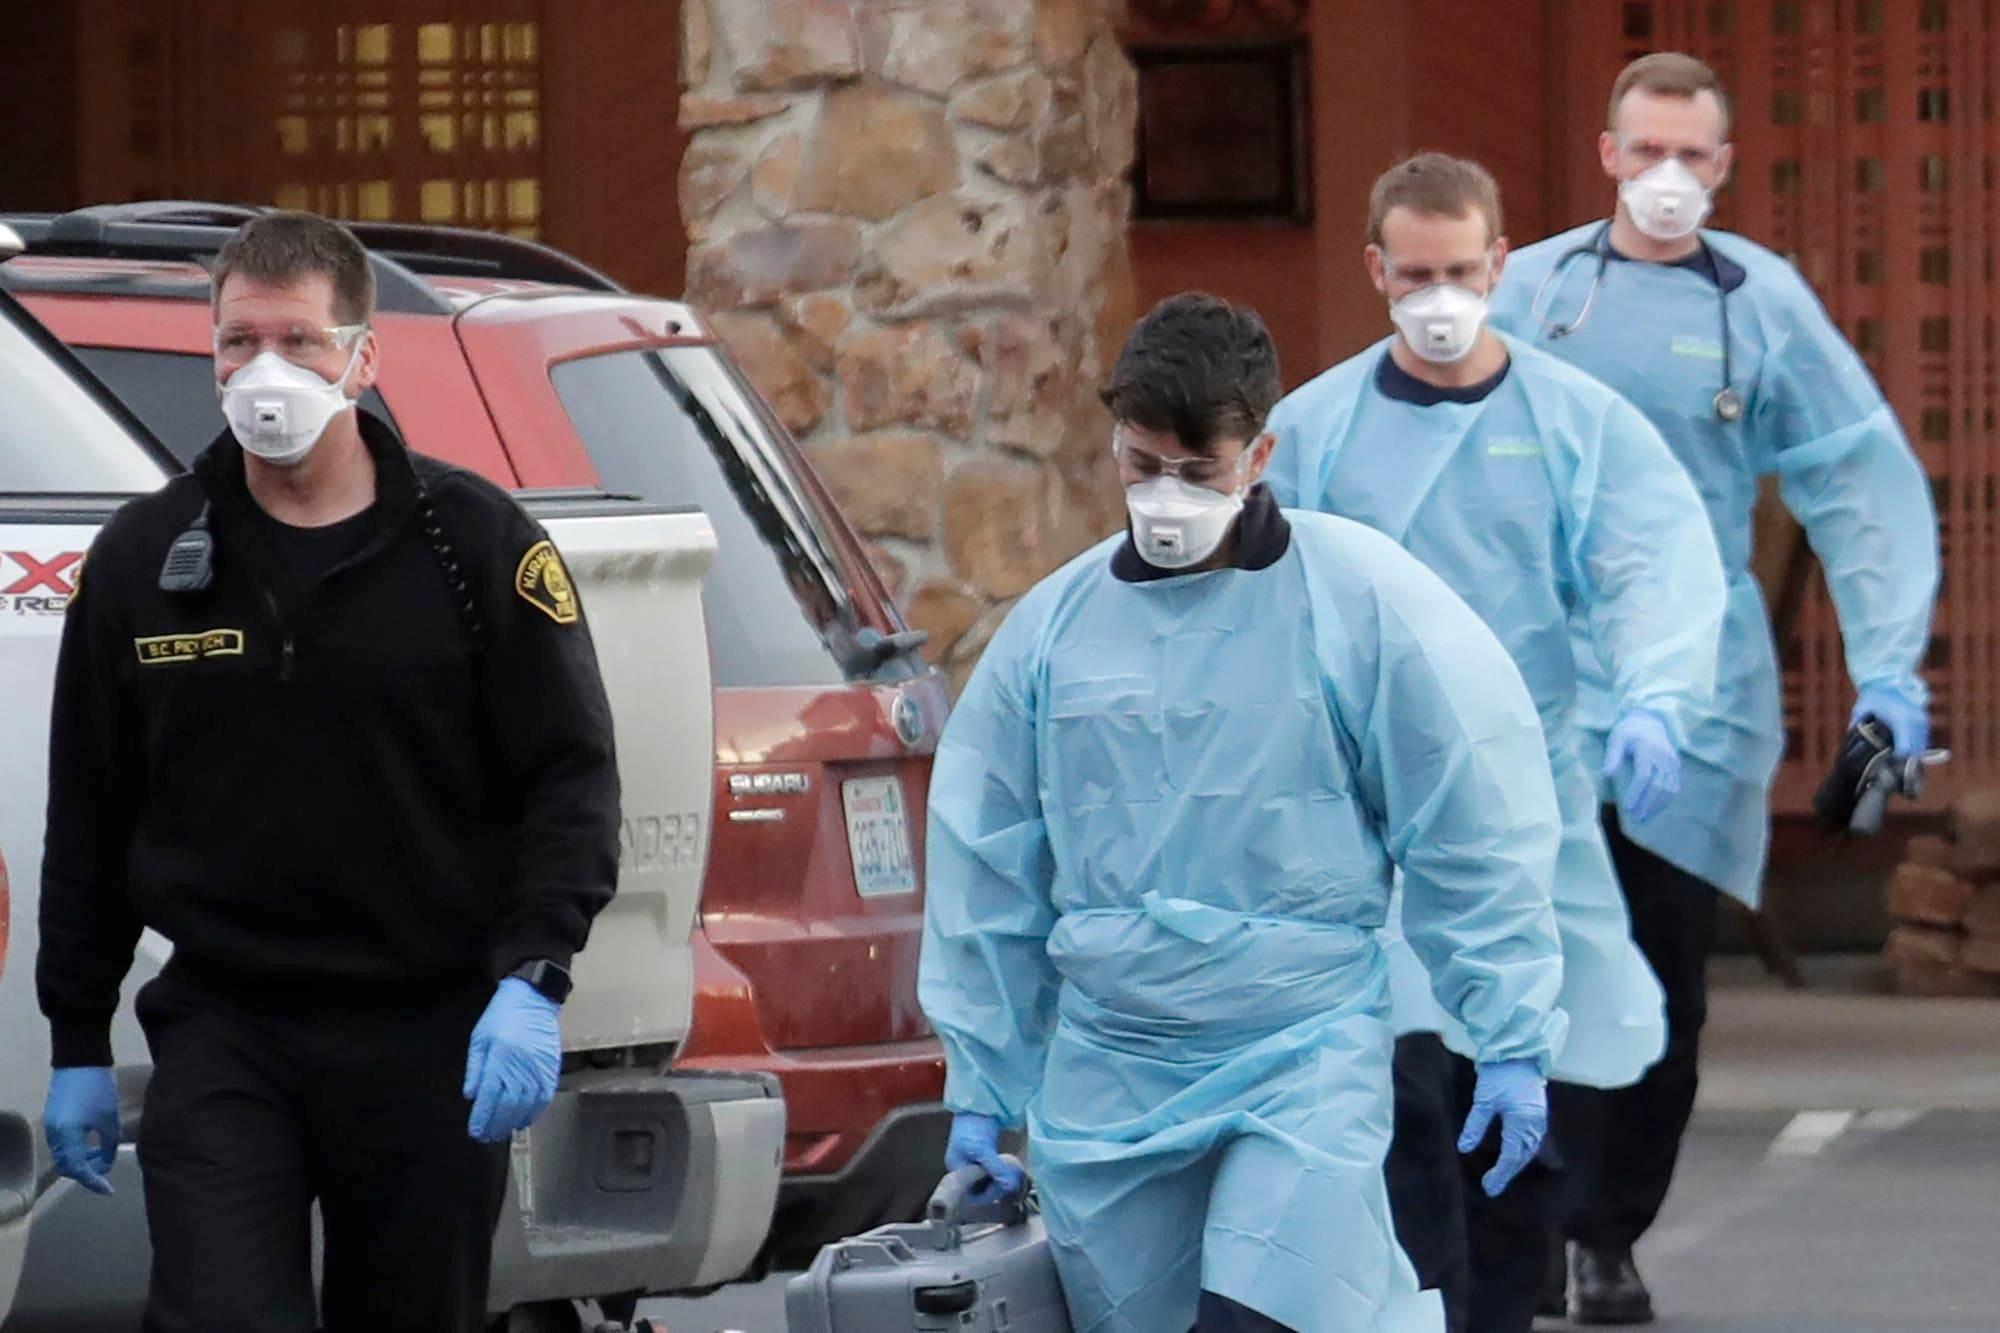 تتصدر الولايات المتحدة قائمة أكثر الدول تضرراً جراء كورونا سواء لعدد الإصابات أو لعدد الوفيات